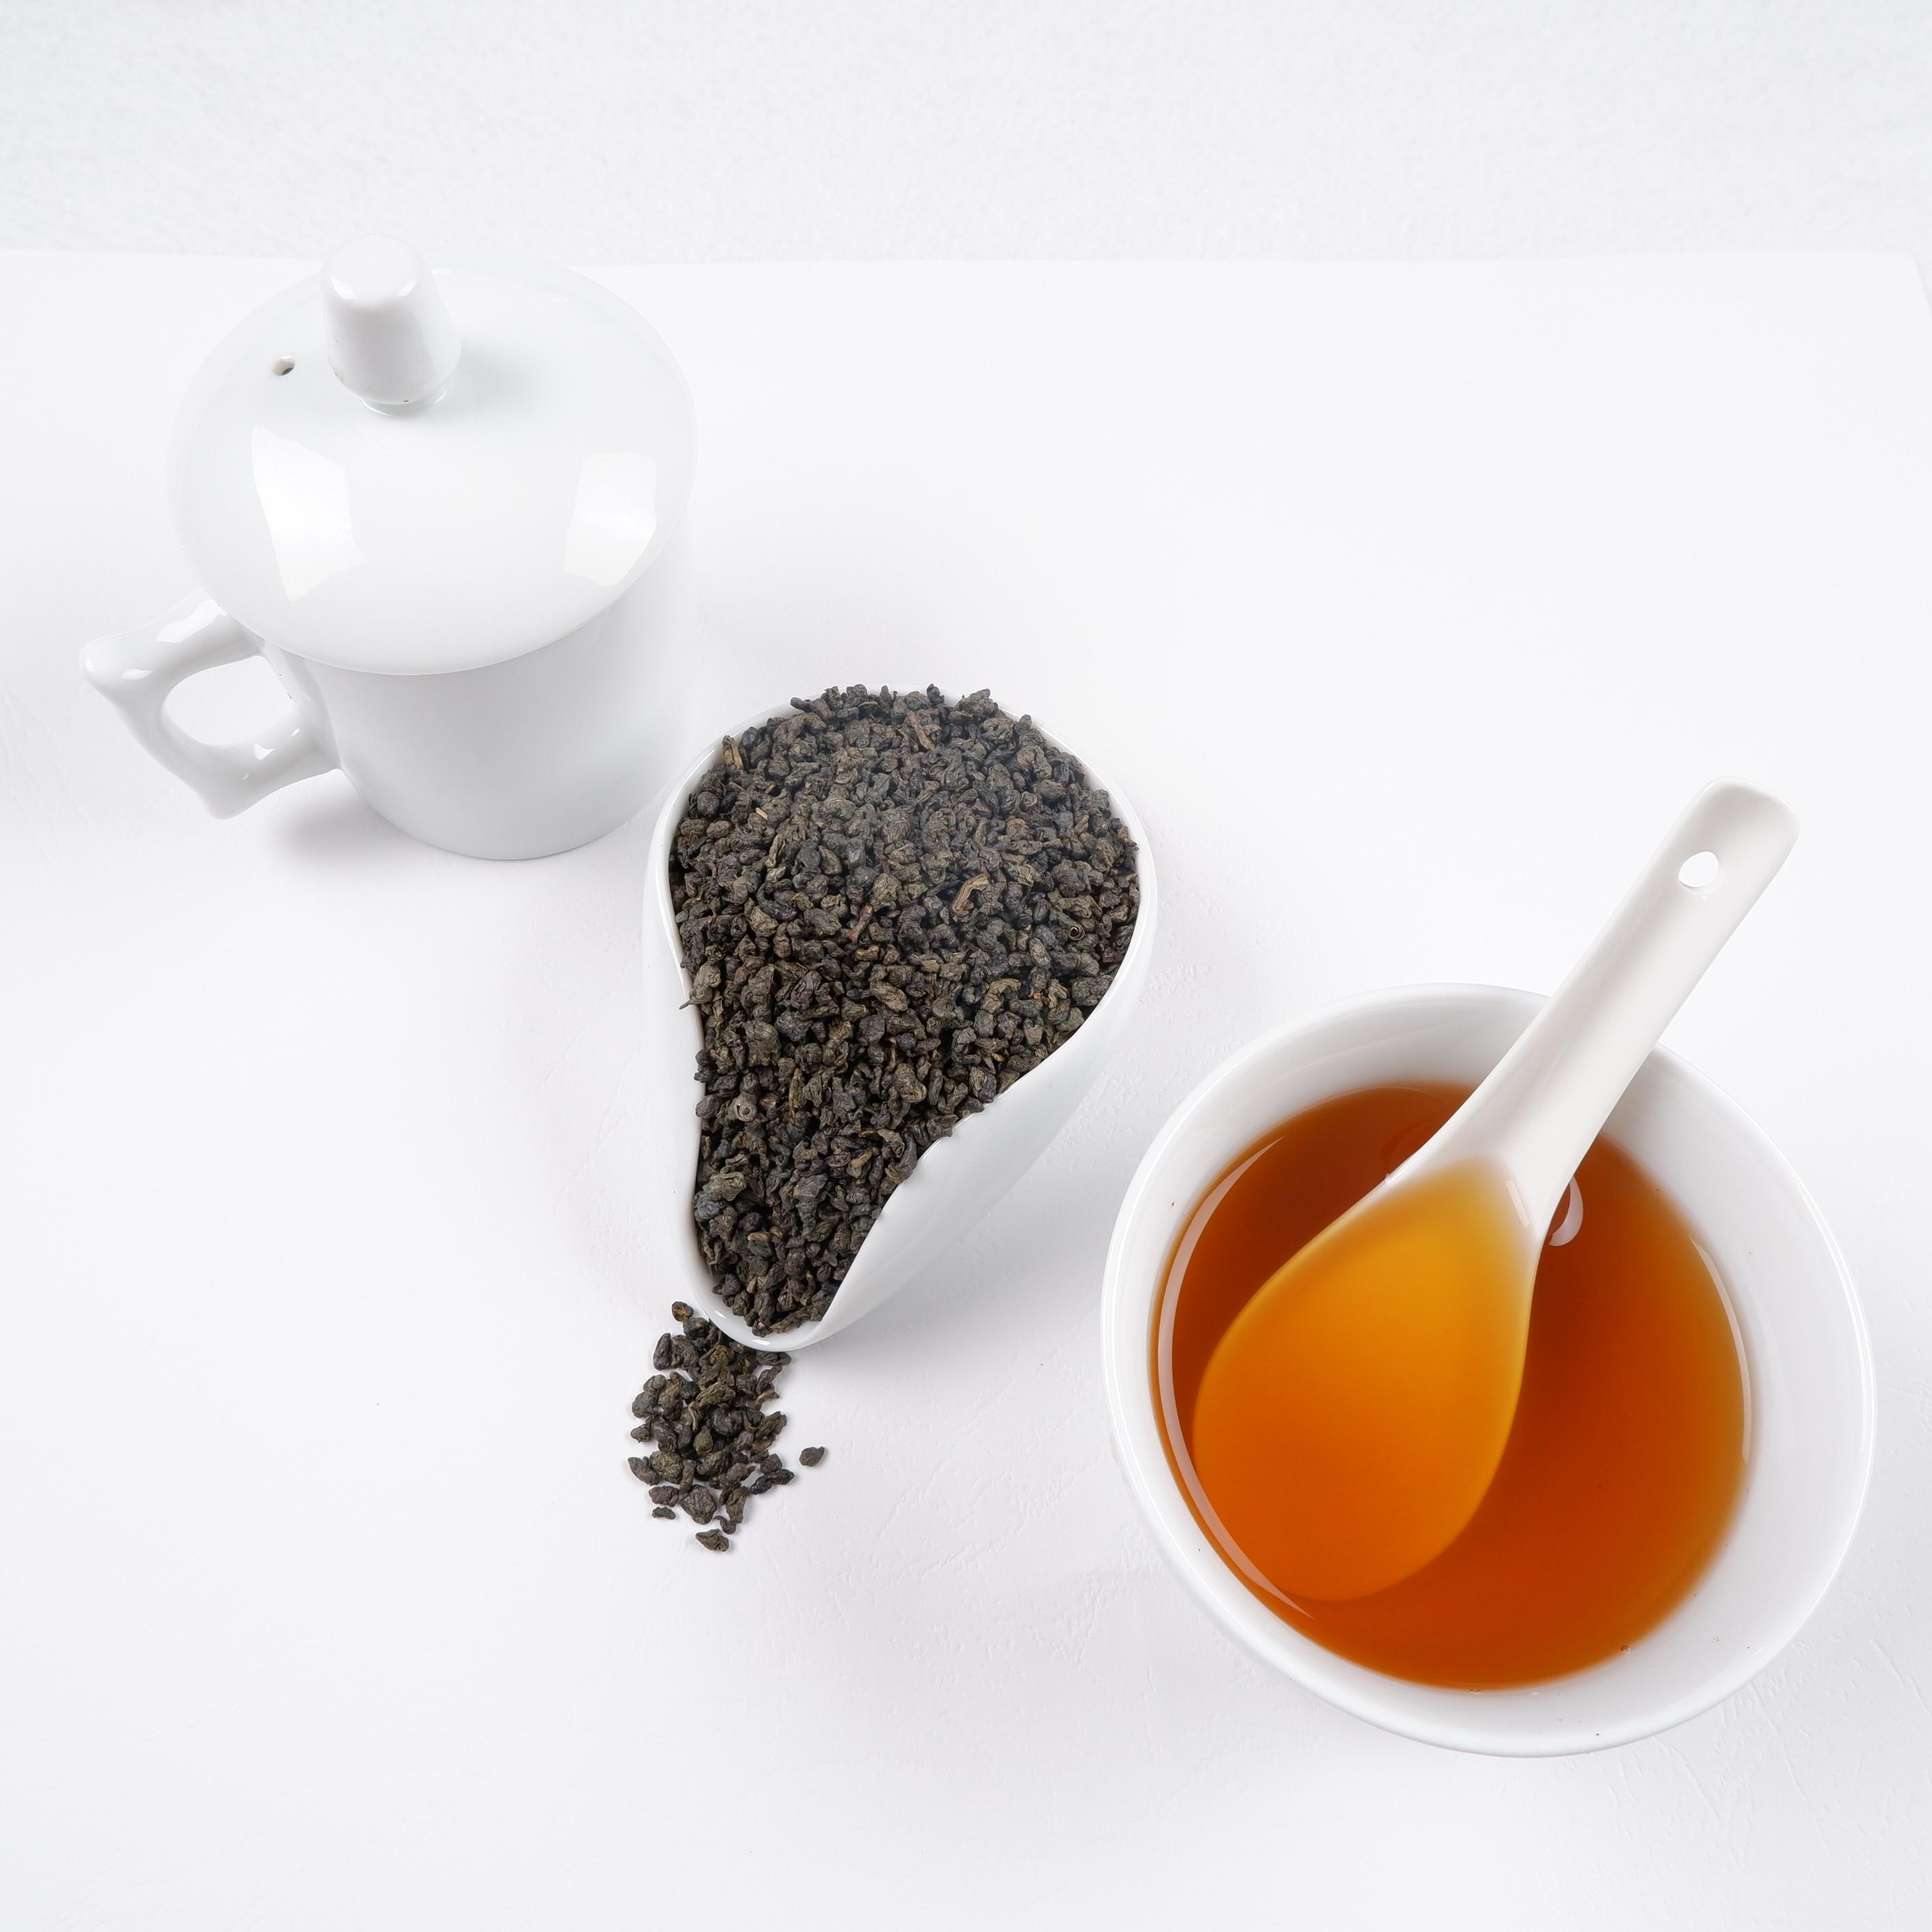 Hot sale 3505AAAAAA Gunpowder Chinese Green Tea with High Quality - 4uTea | 4uTea.com